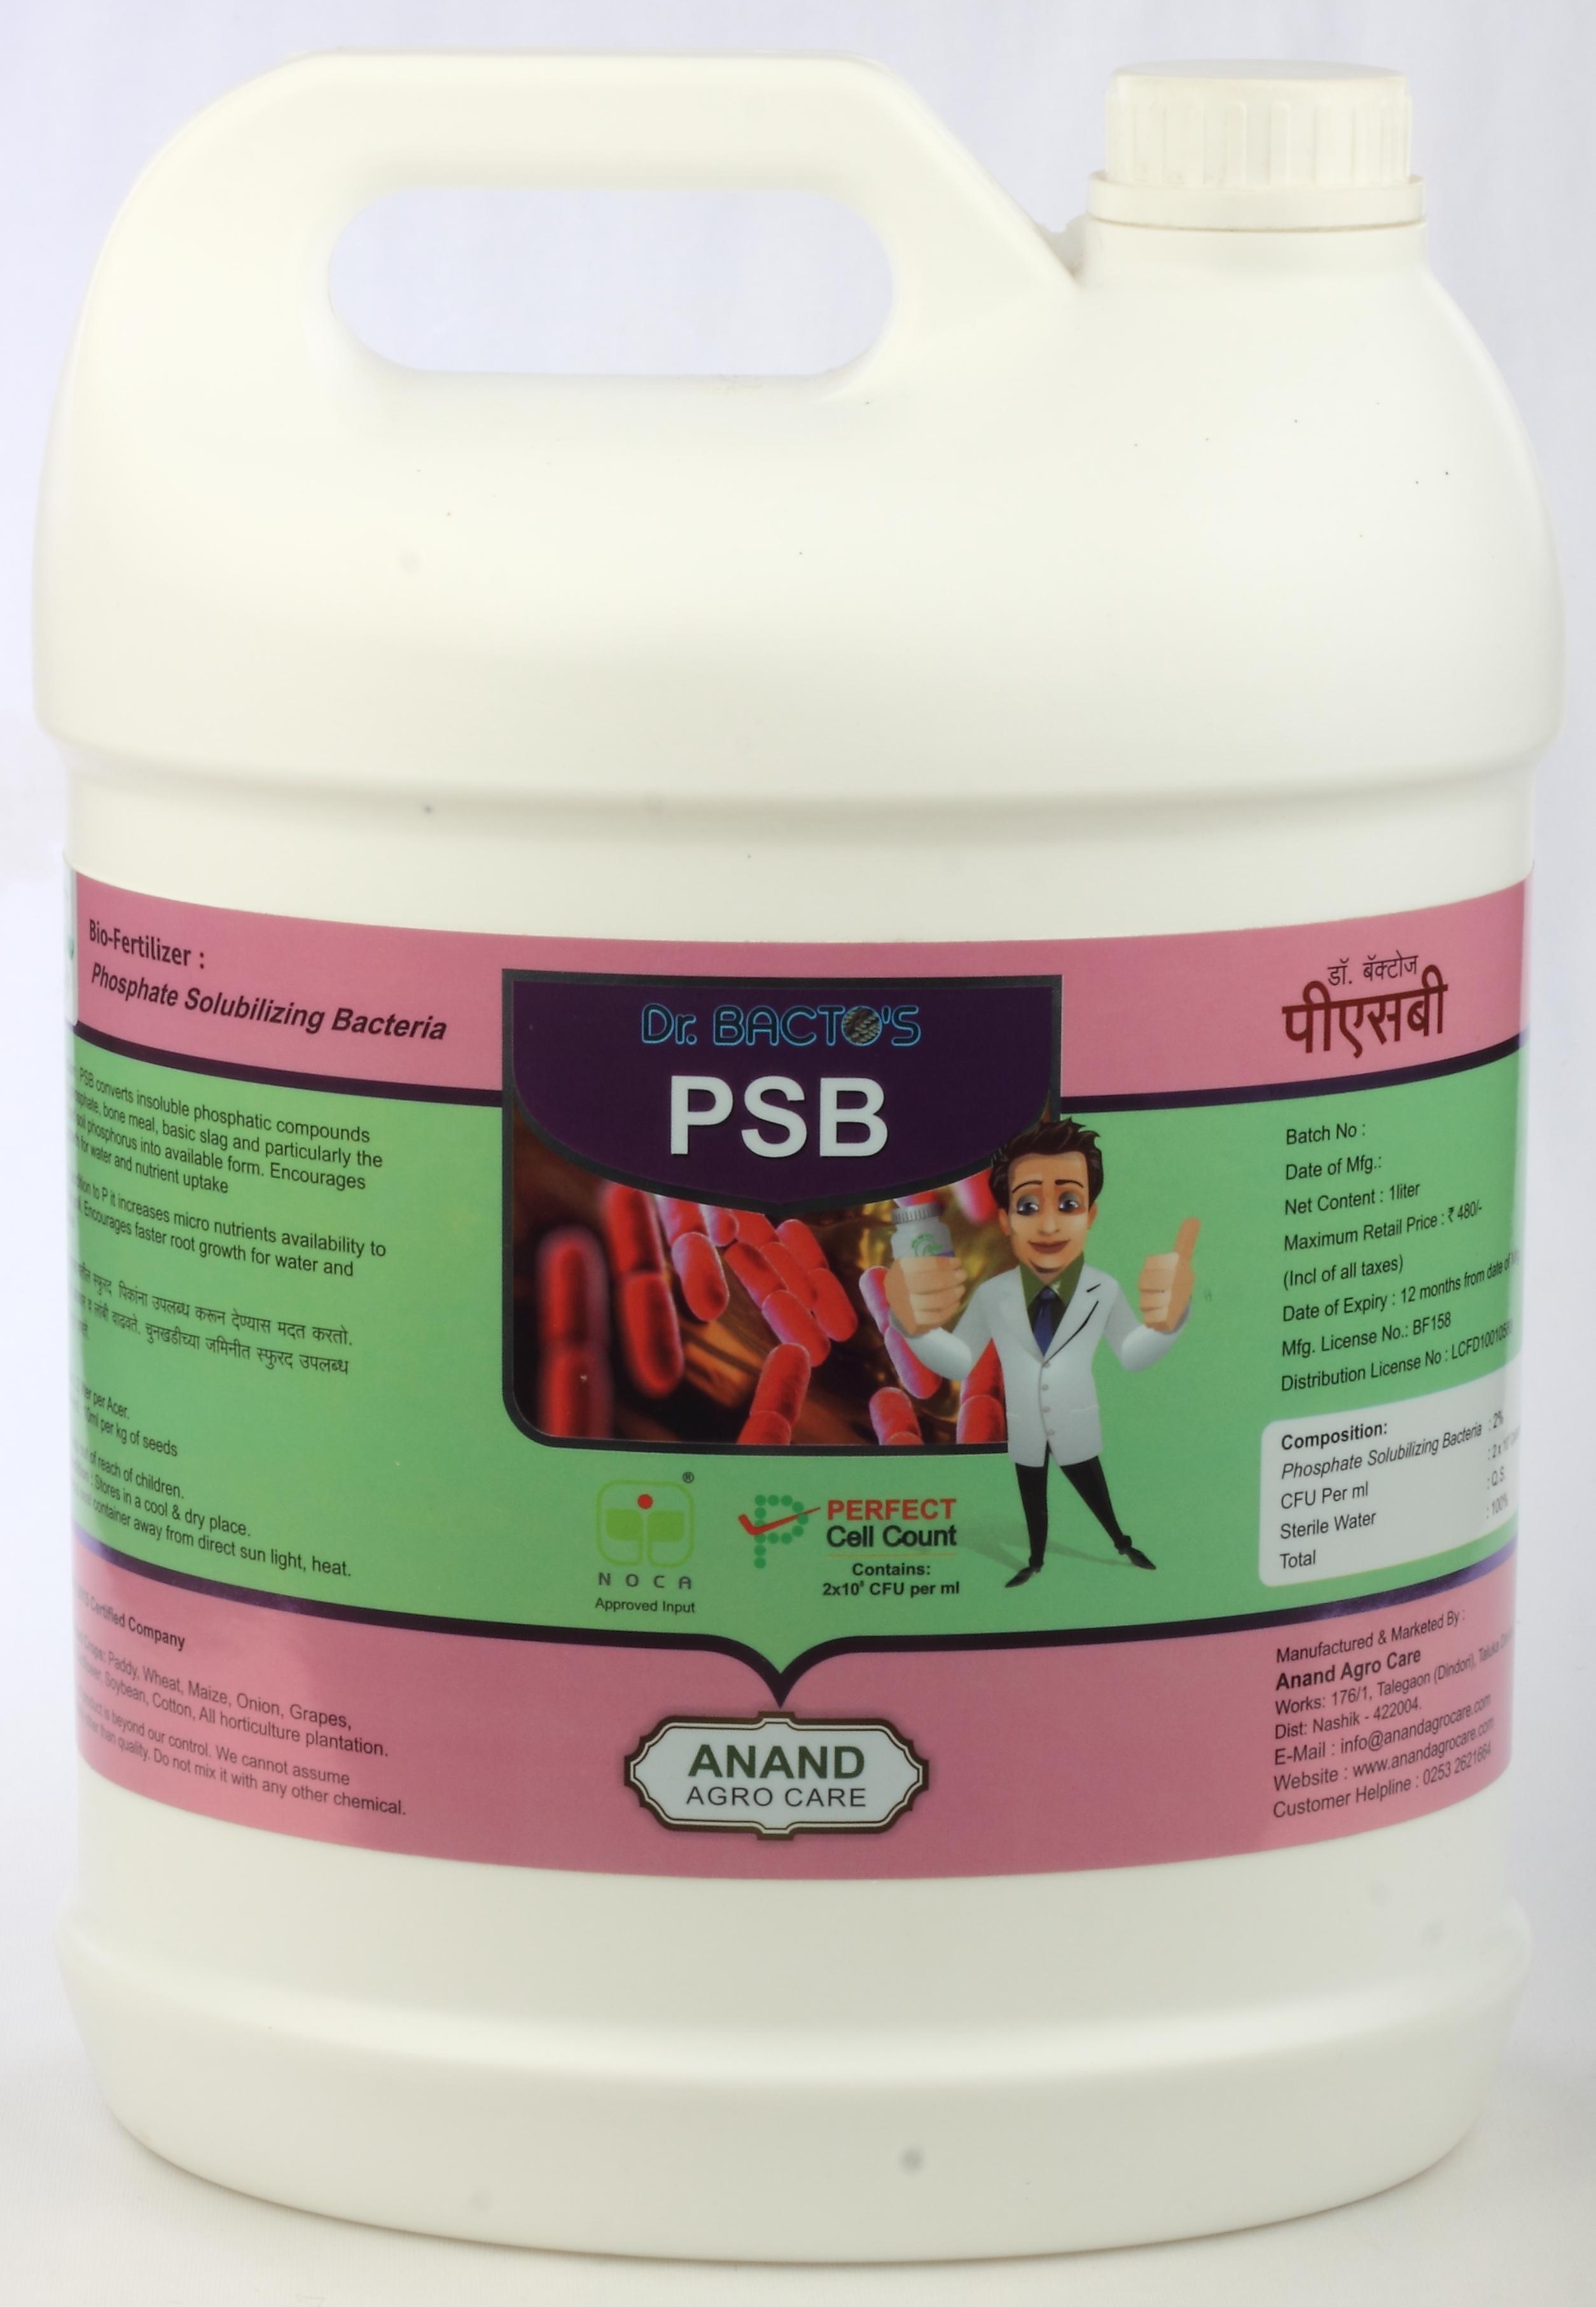 Phosphorus Solubilizing Bacteria